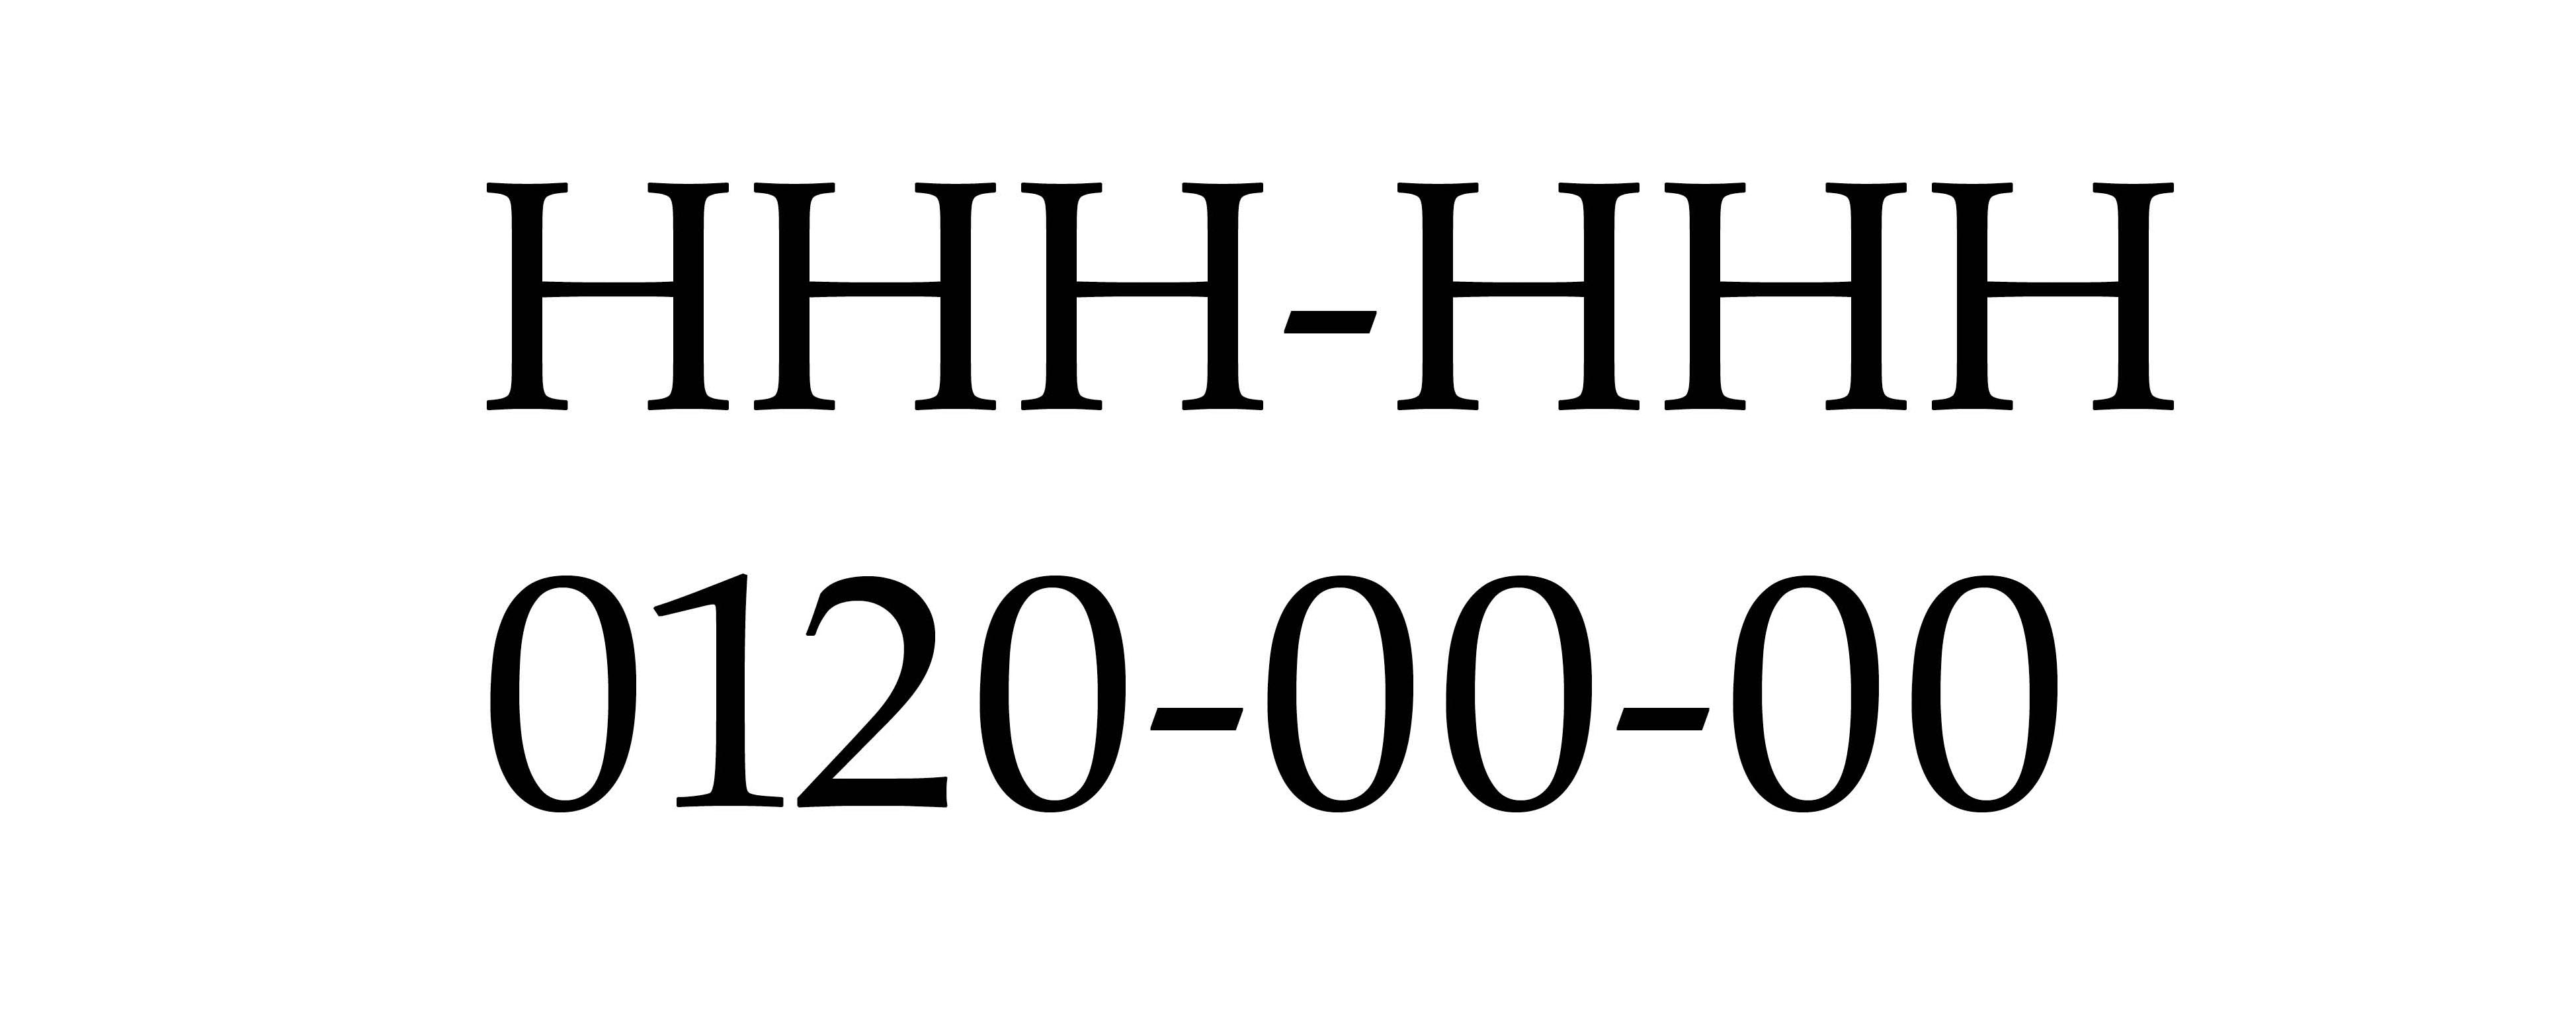 大文字用ハイフンやダーシを持ったフォント_e0175918_1623931.jpg